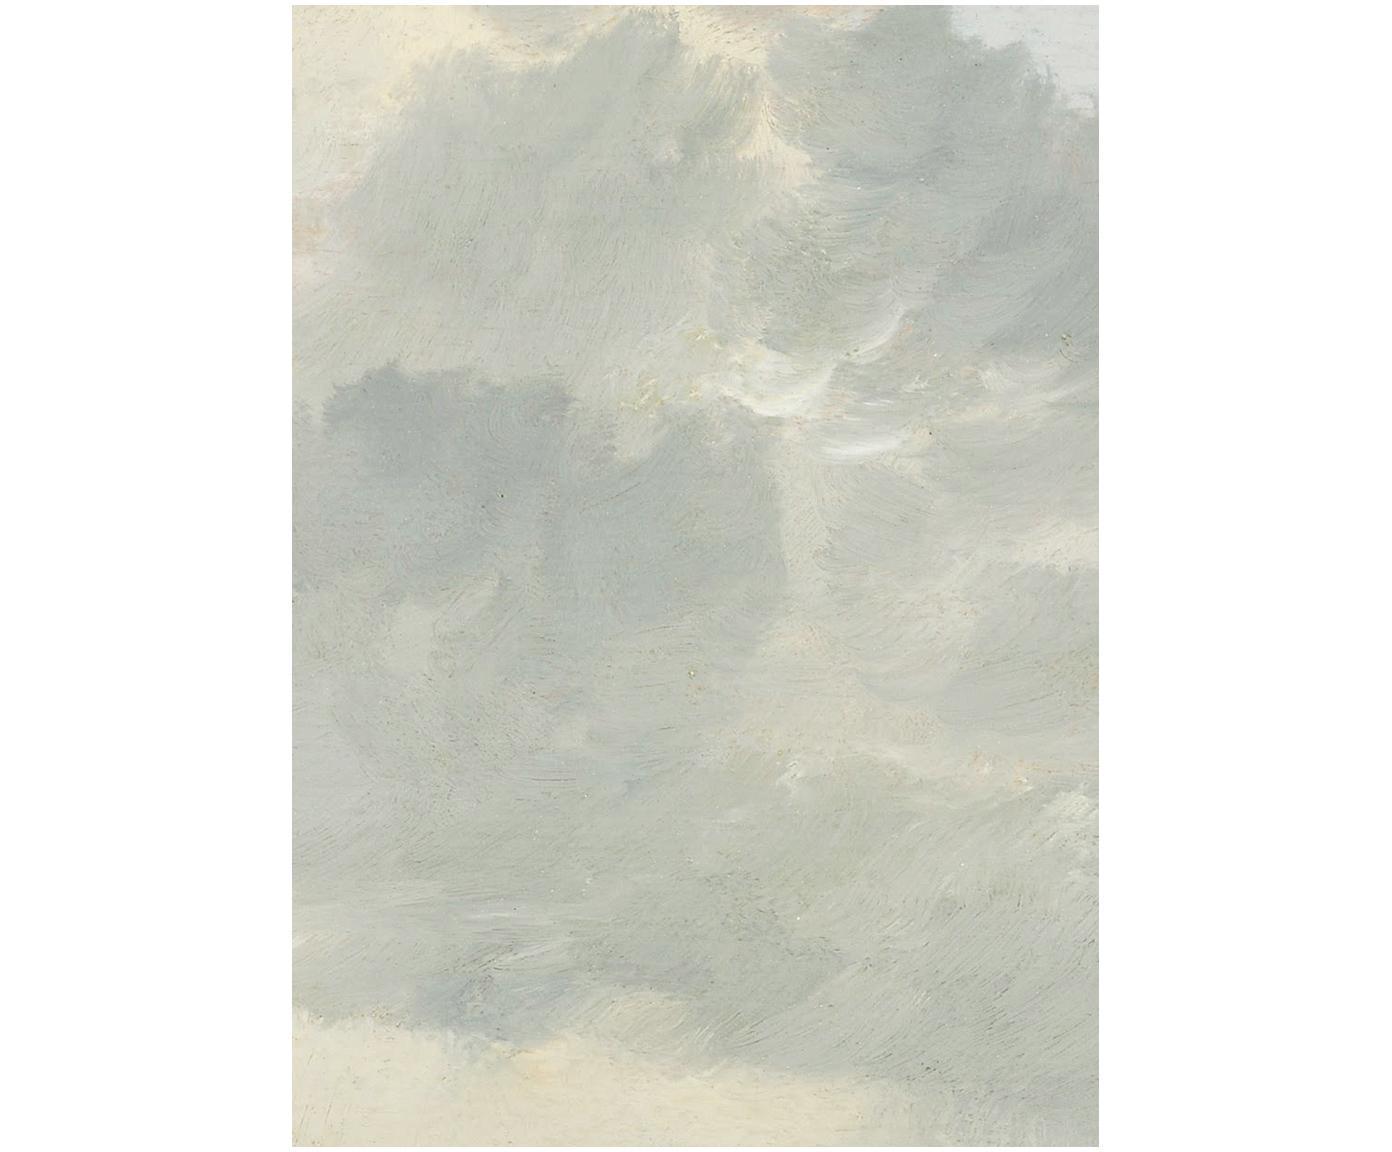 Fototapeta Golden Age Clouds, Włóknina, przyjazna dla środowiska i biodegradowalna, Szary, beżowy, matowy, S 389 x W 280 cm